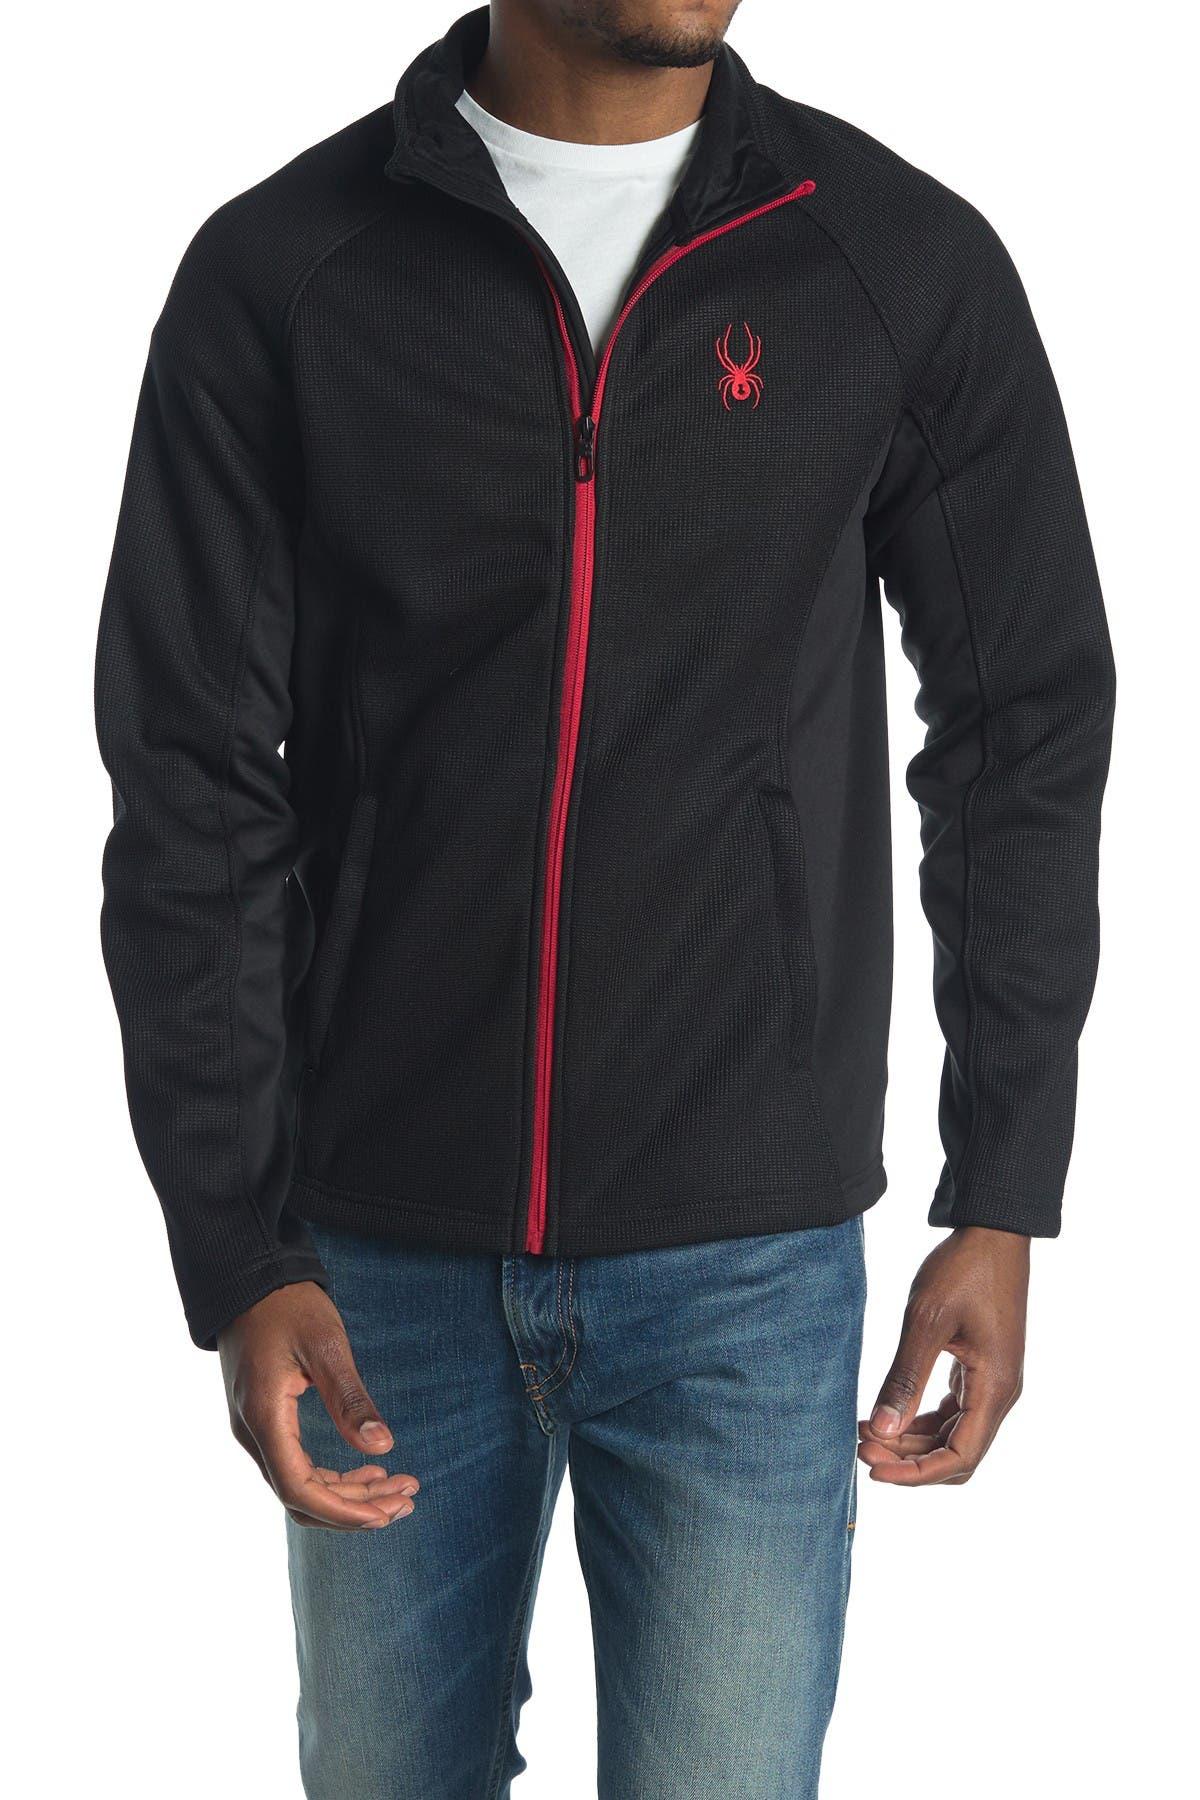 Image of SPYDER Constant Full Zip Jacket